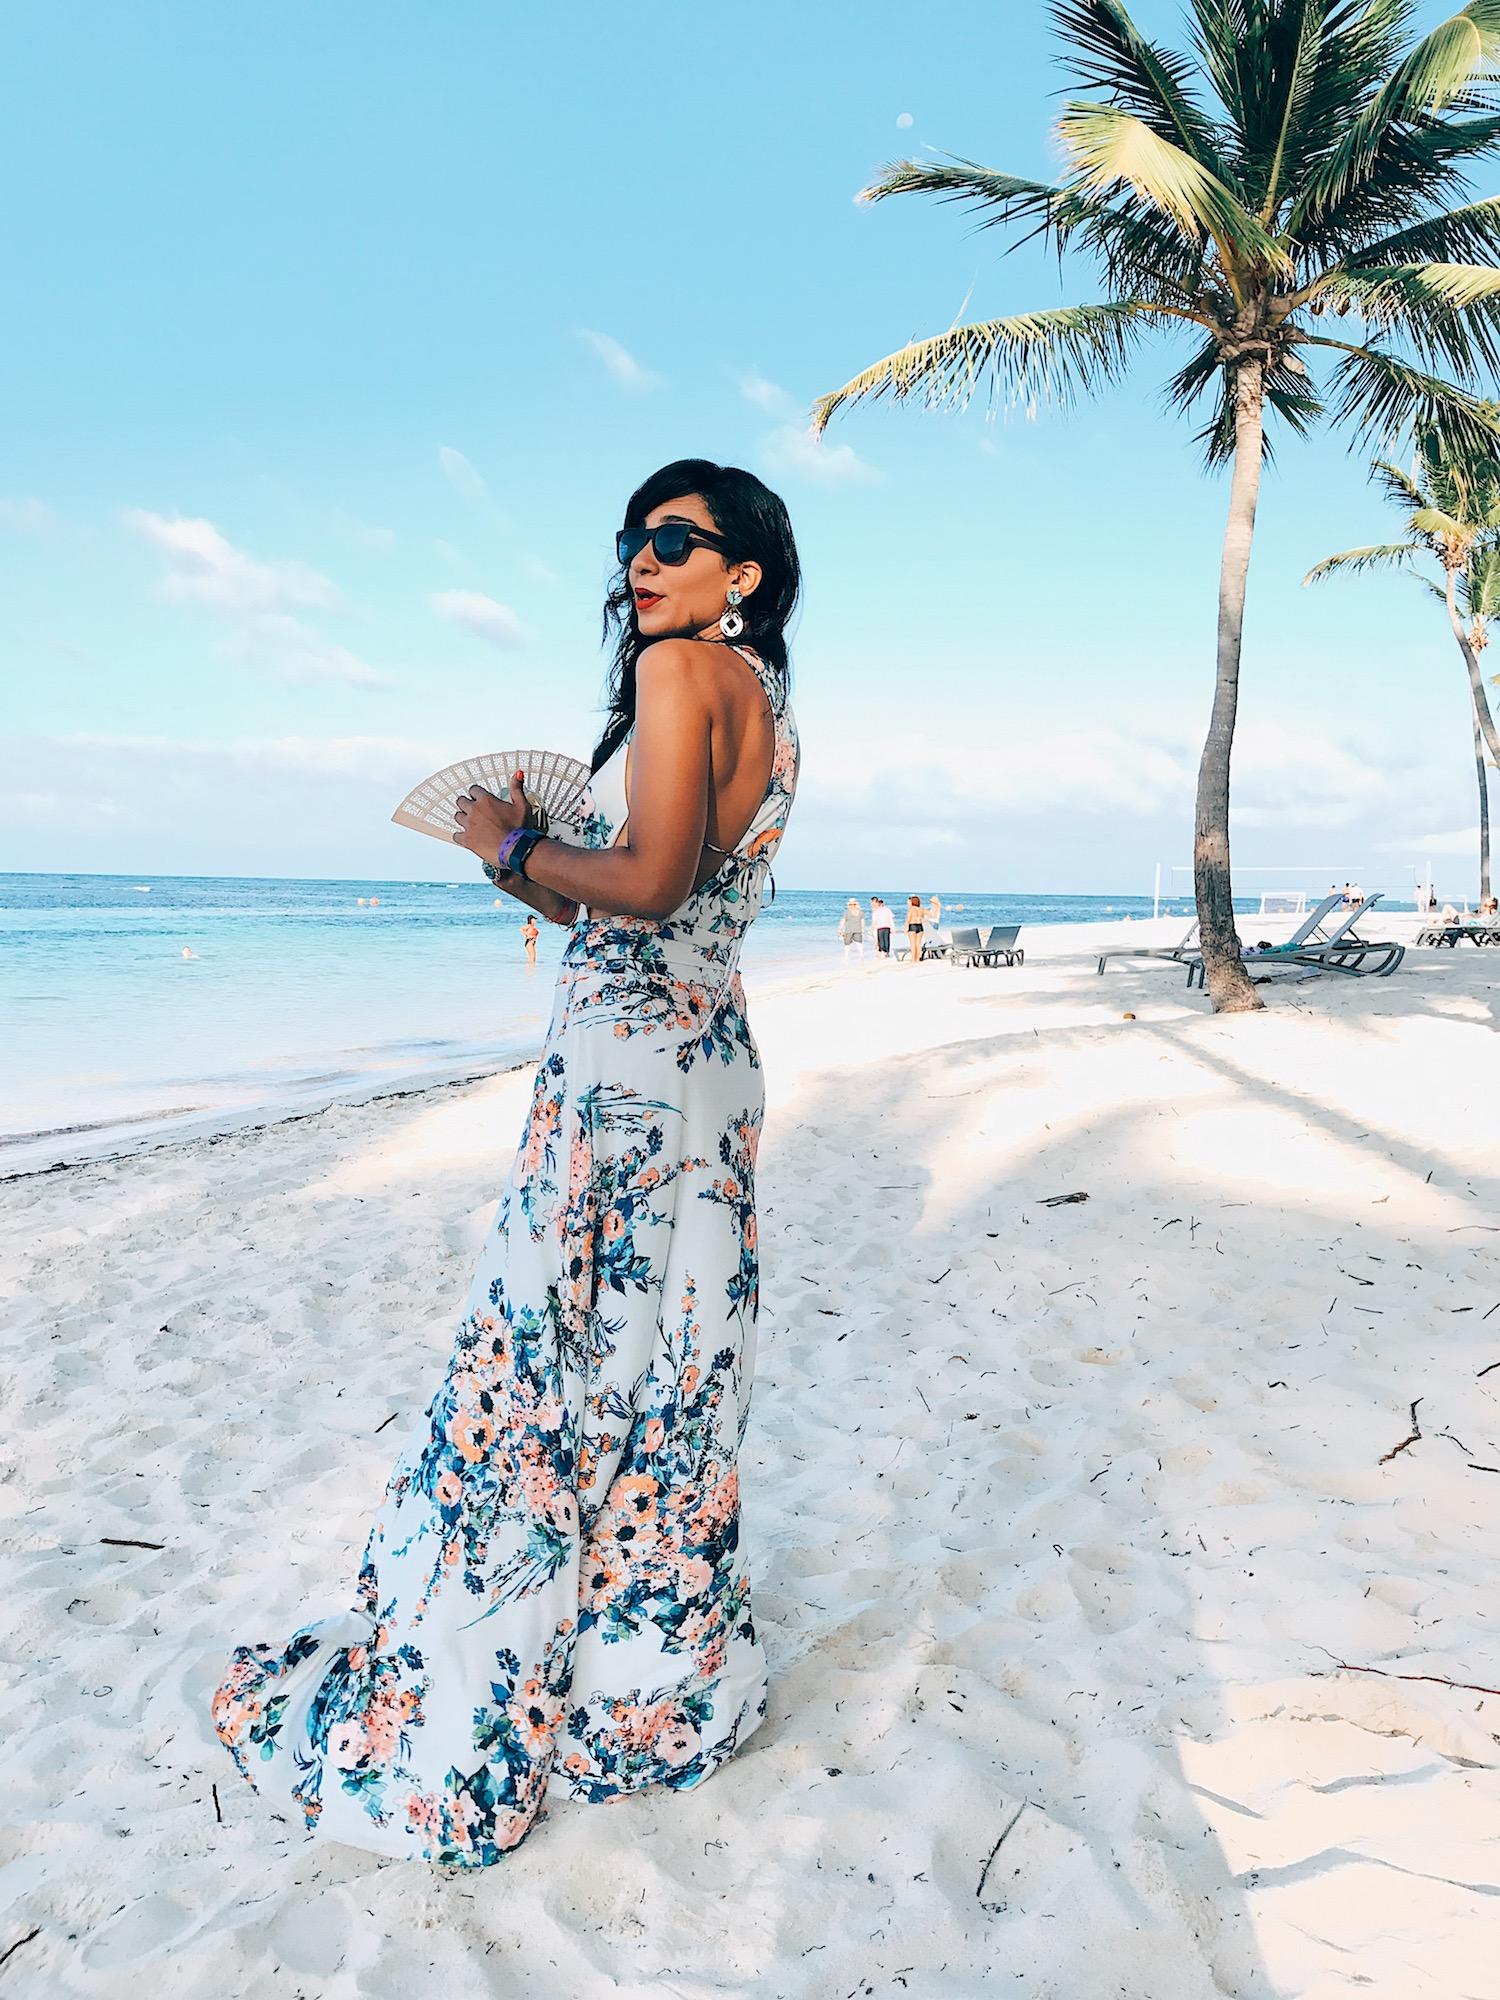 Boda En La Playa 11 Vestidos Por Menos De Us50 The Key Item